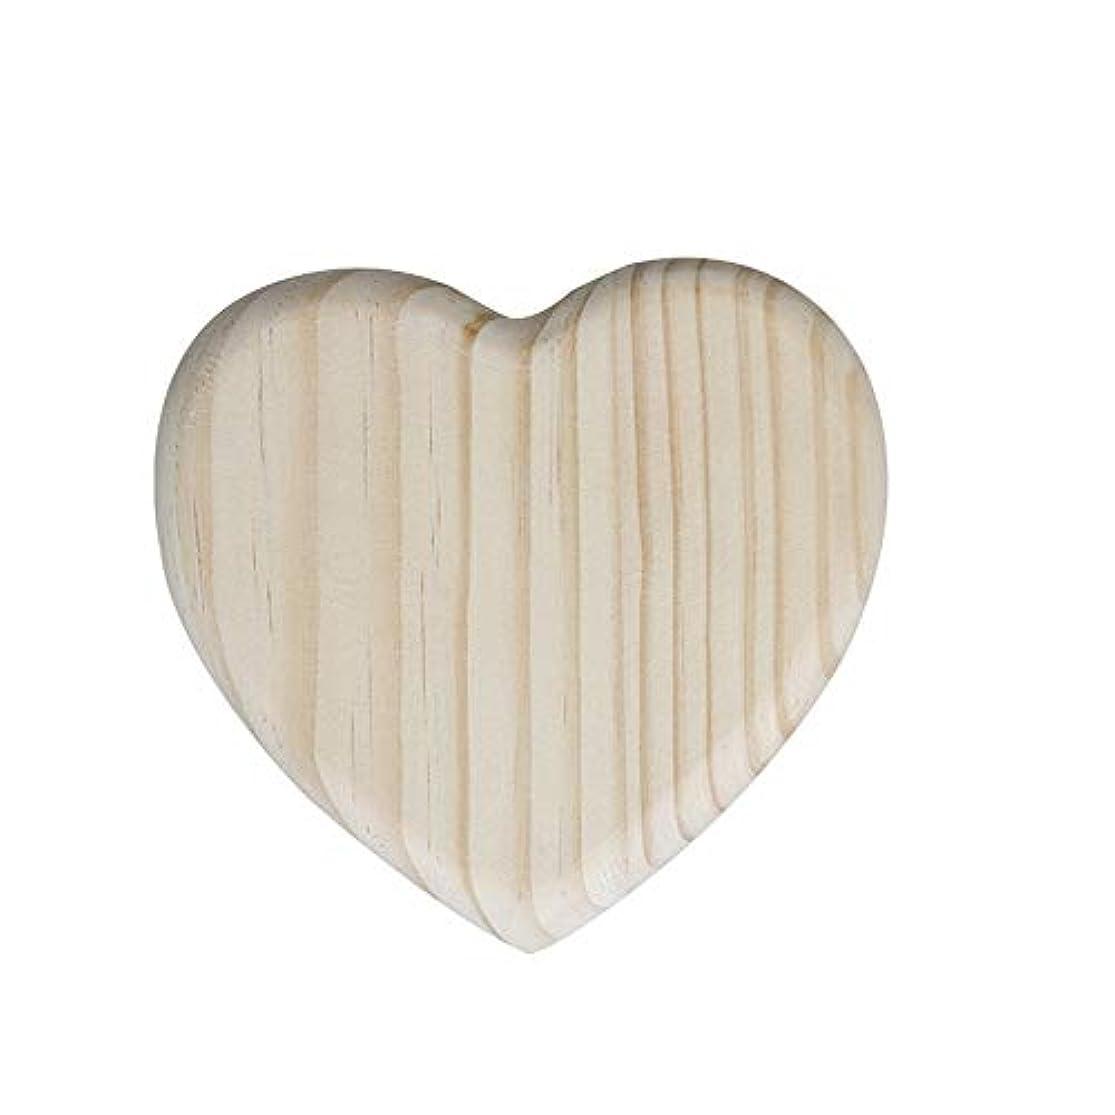 喜劇近所のぜいたくエッセンシャルオイルボックス 手飾られた木材のオイルボックスの主催16ハート型の石油鉱床 アロマセラピー収納ボックス (色 : Natural, サイズ : 11X12X3.3CM)